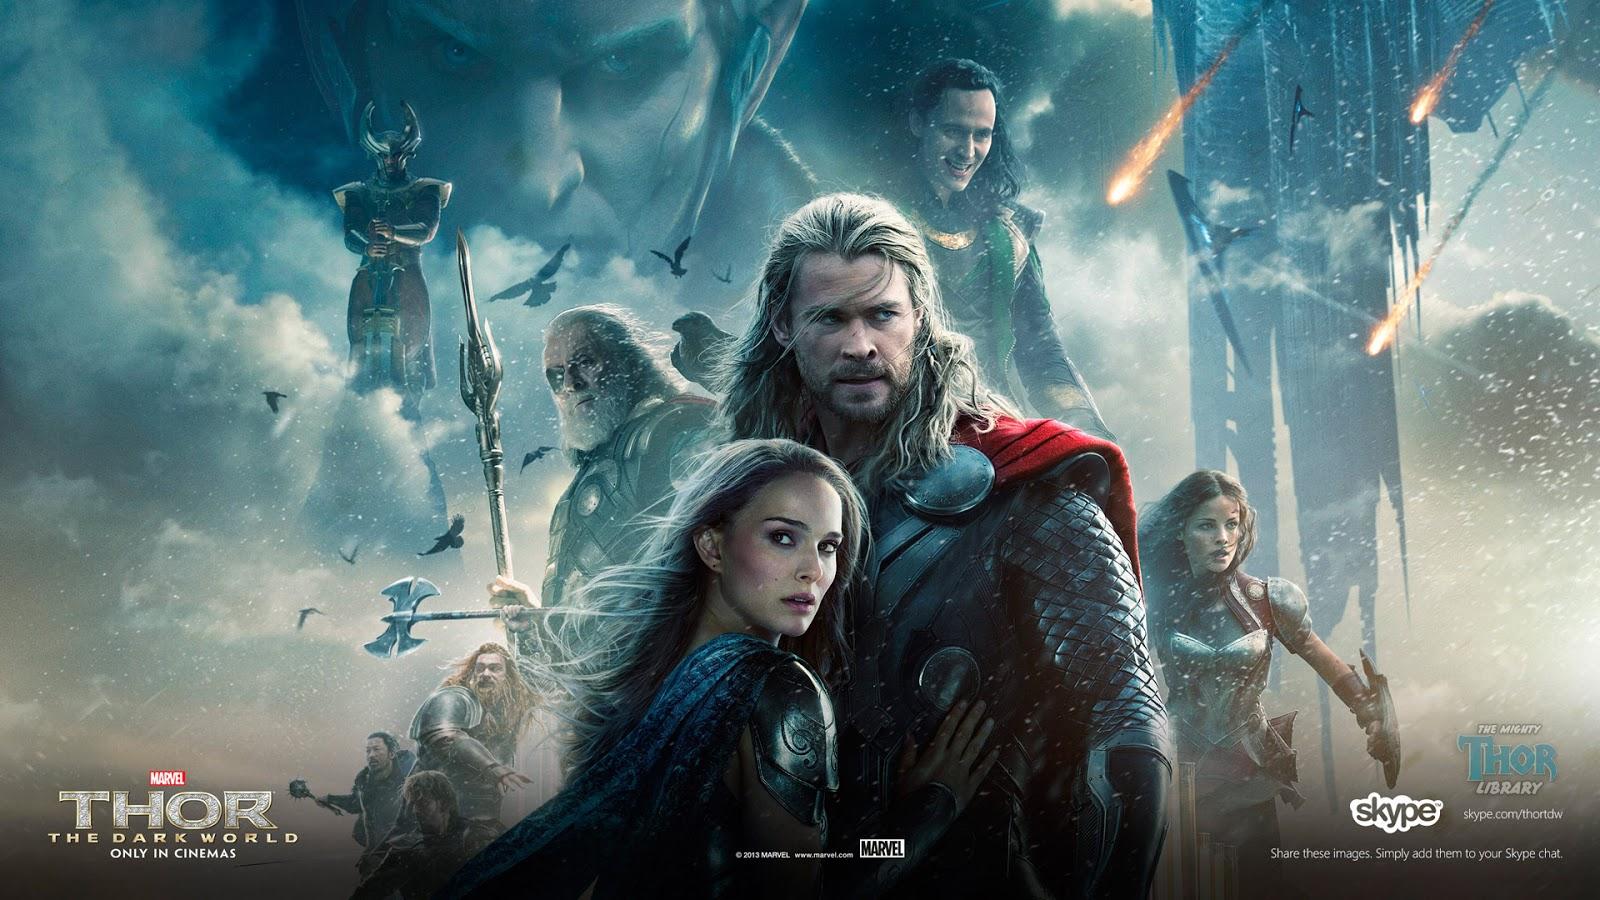 Thor dark world movie